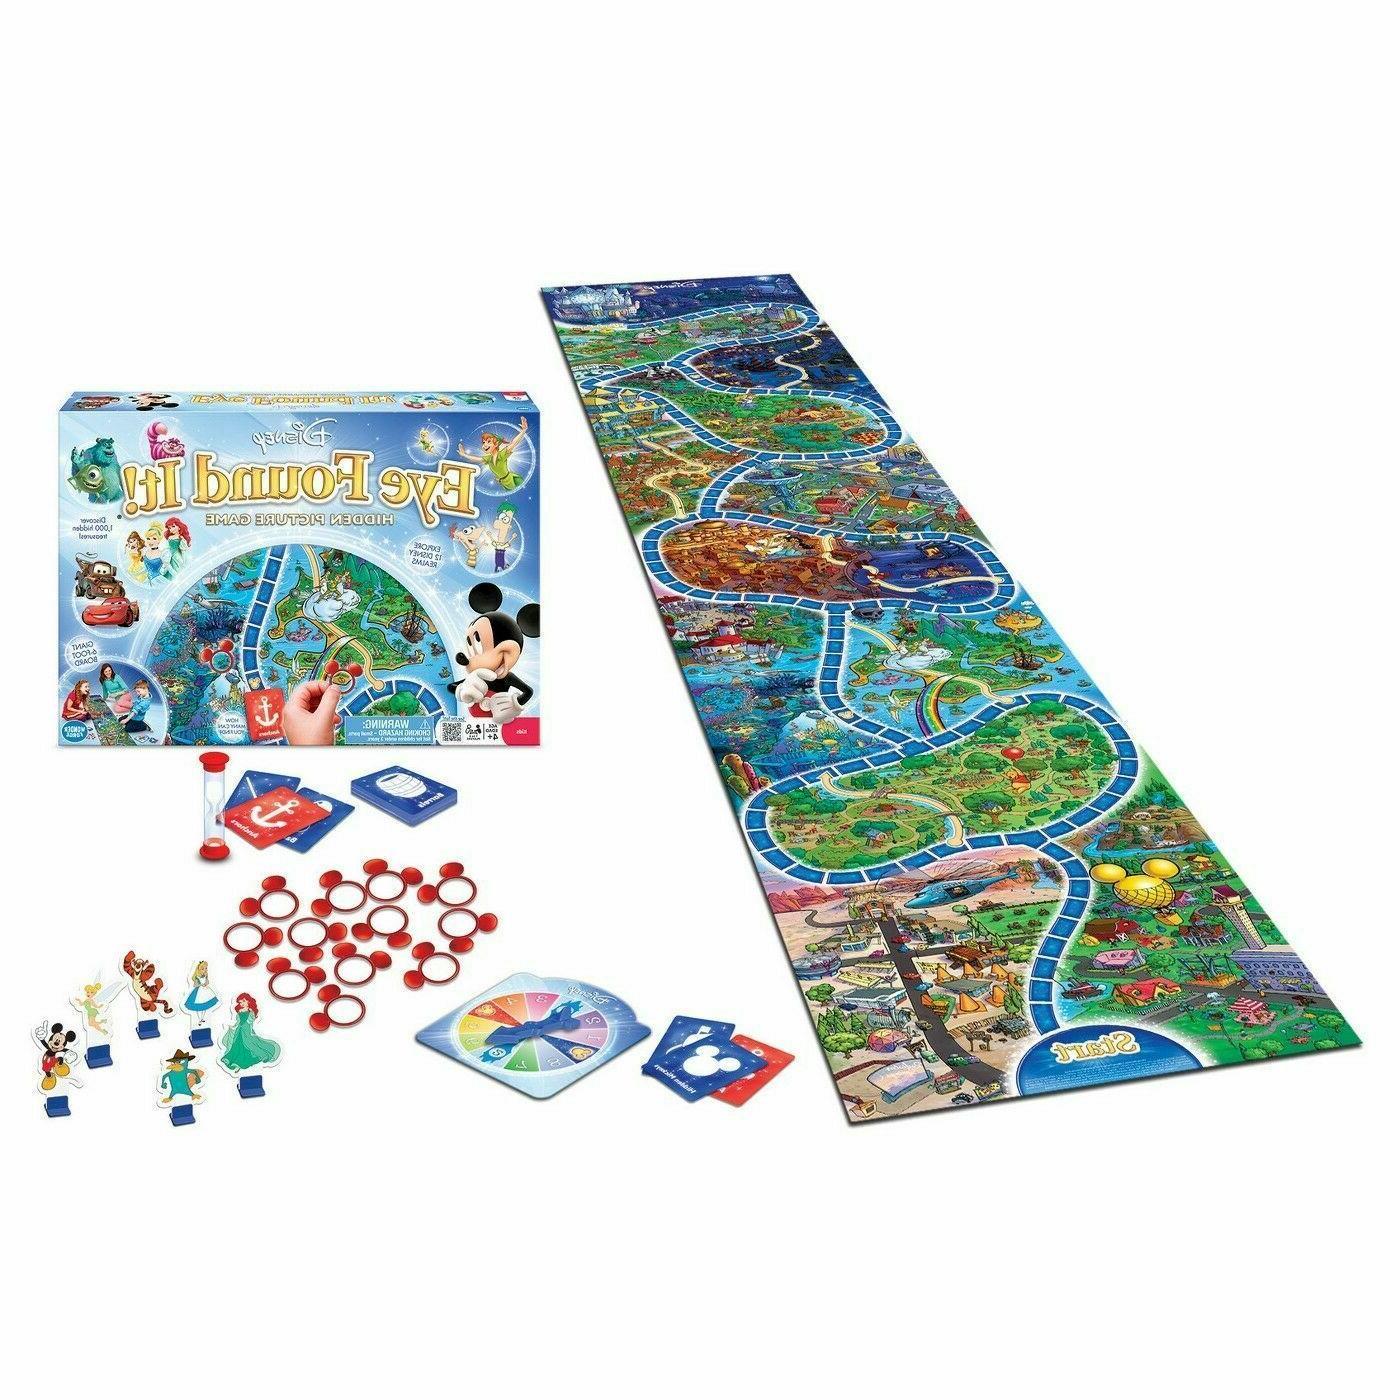 World Of Eye Found It Board Game NIB